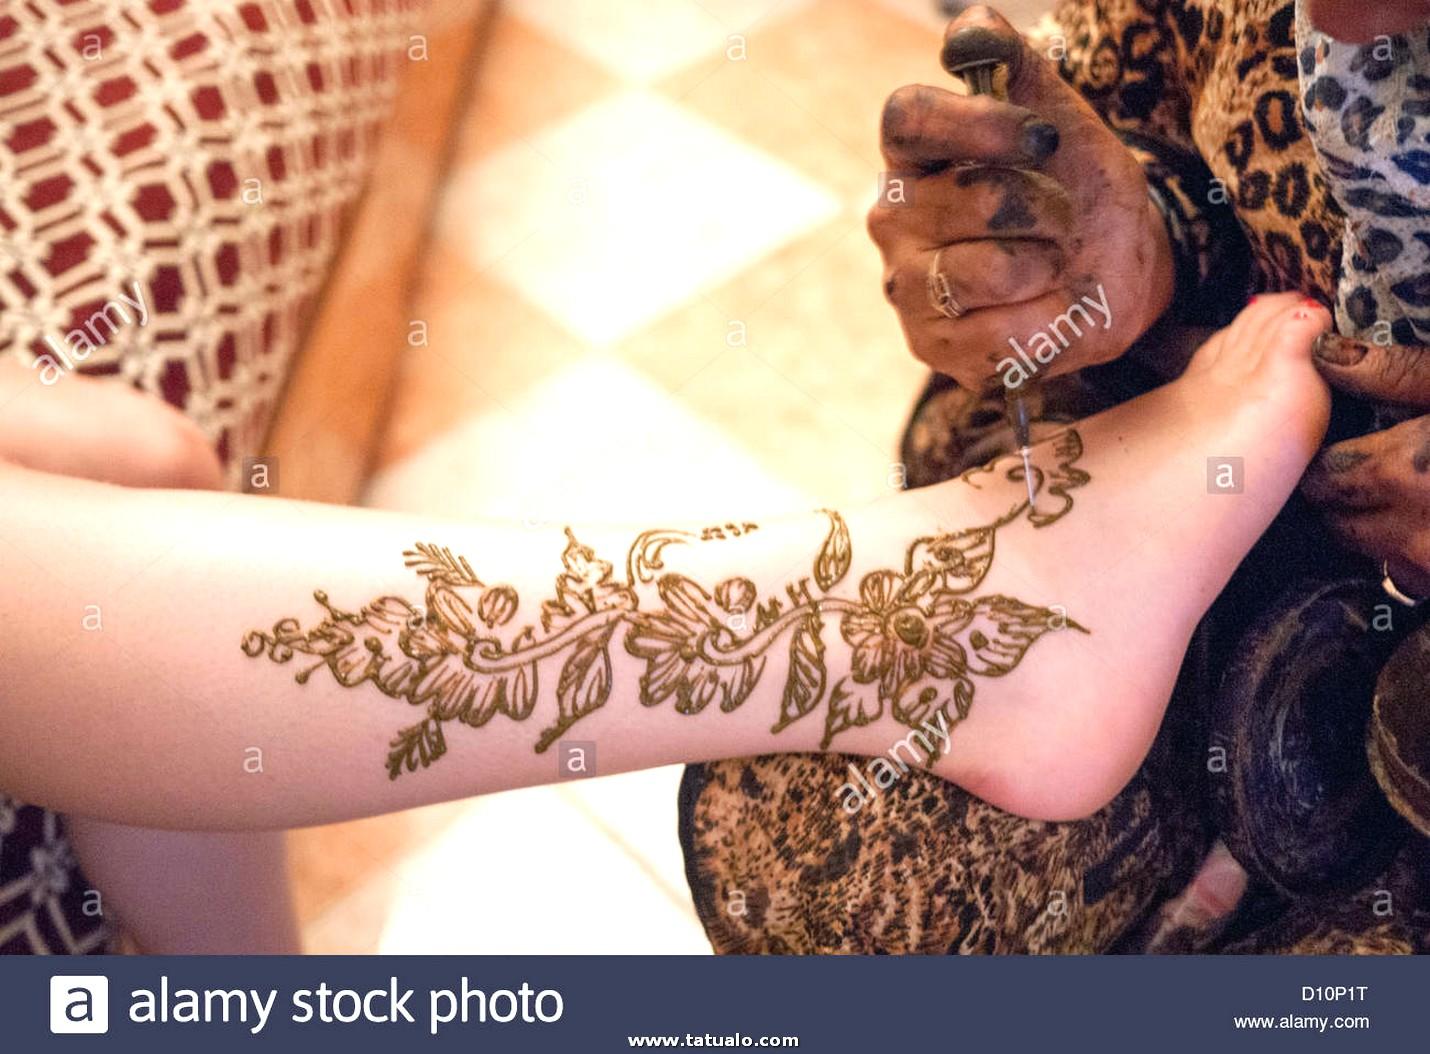 Mujer Colocando Un Tatuaje De Henna En La Pierna Gir D10p1t